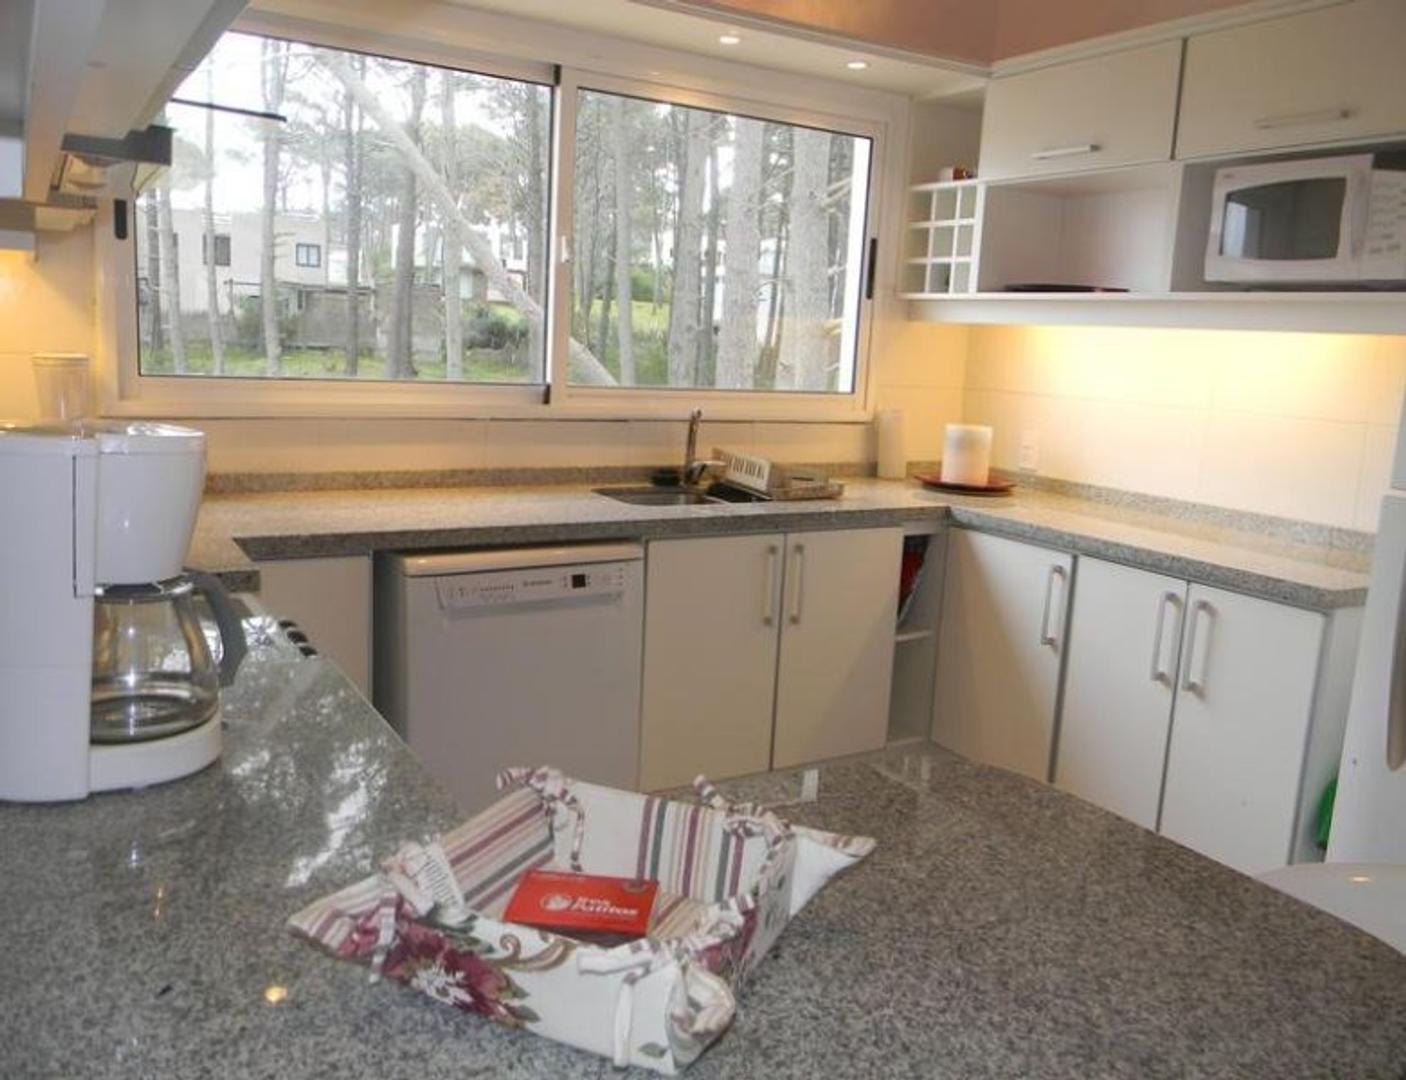 Casa - 300 m² | 6 dormitorios | 6 baños